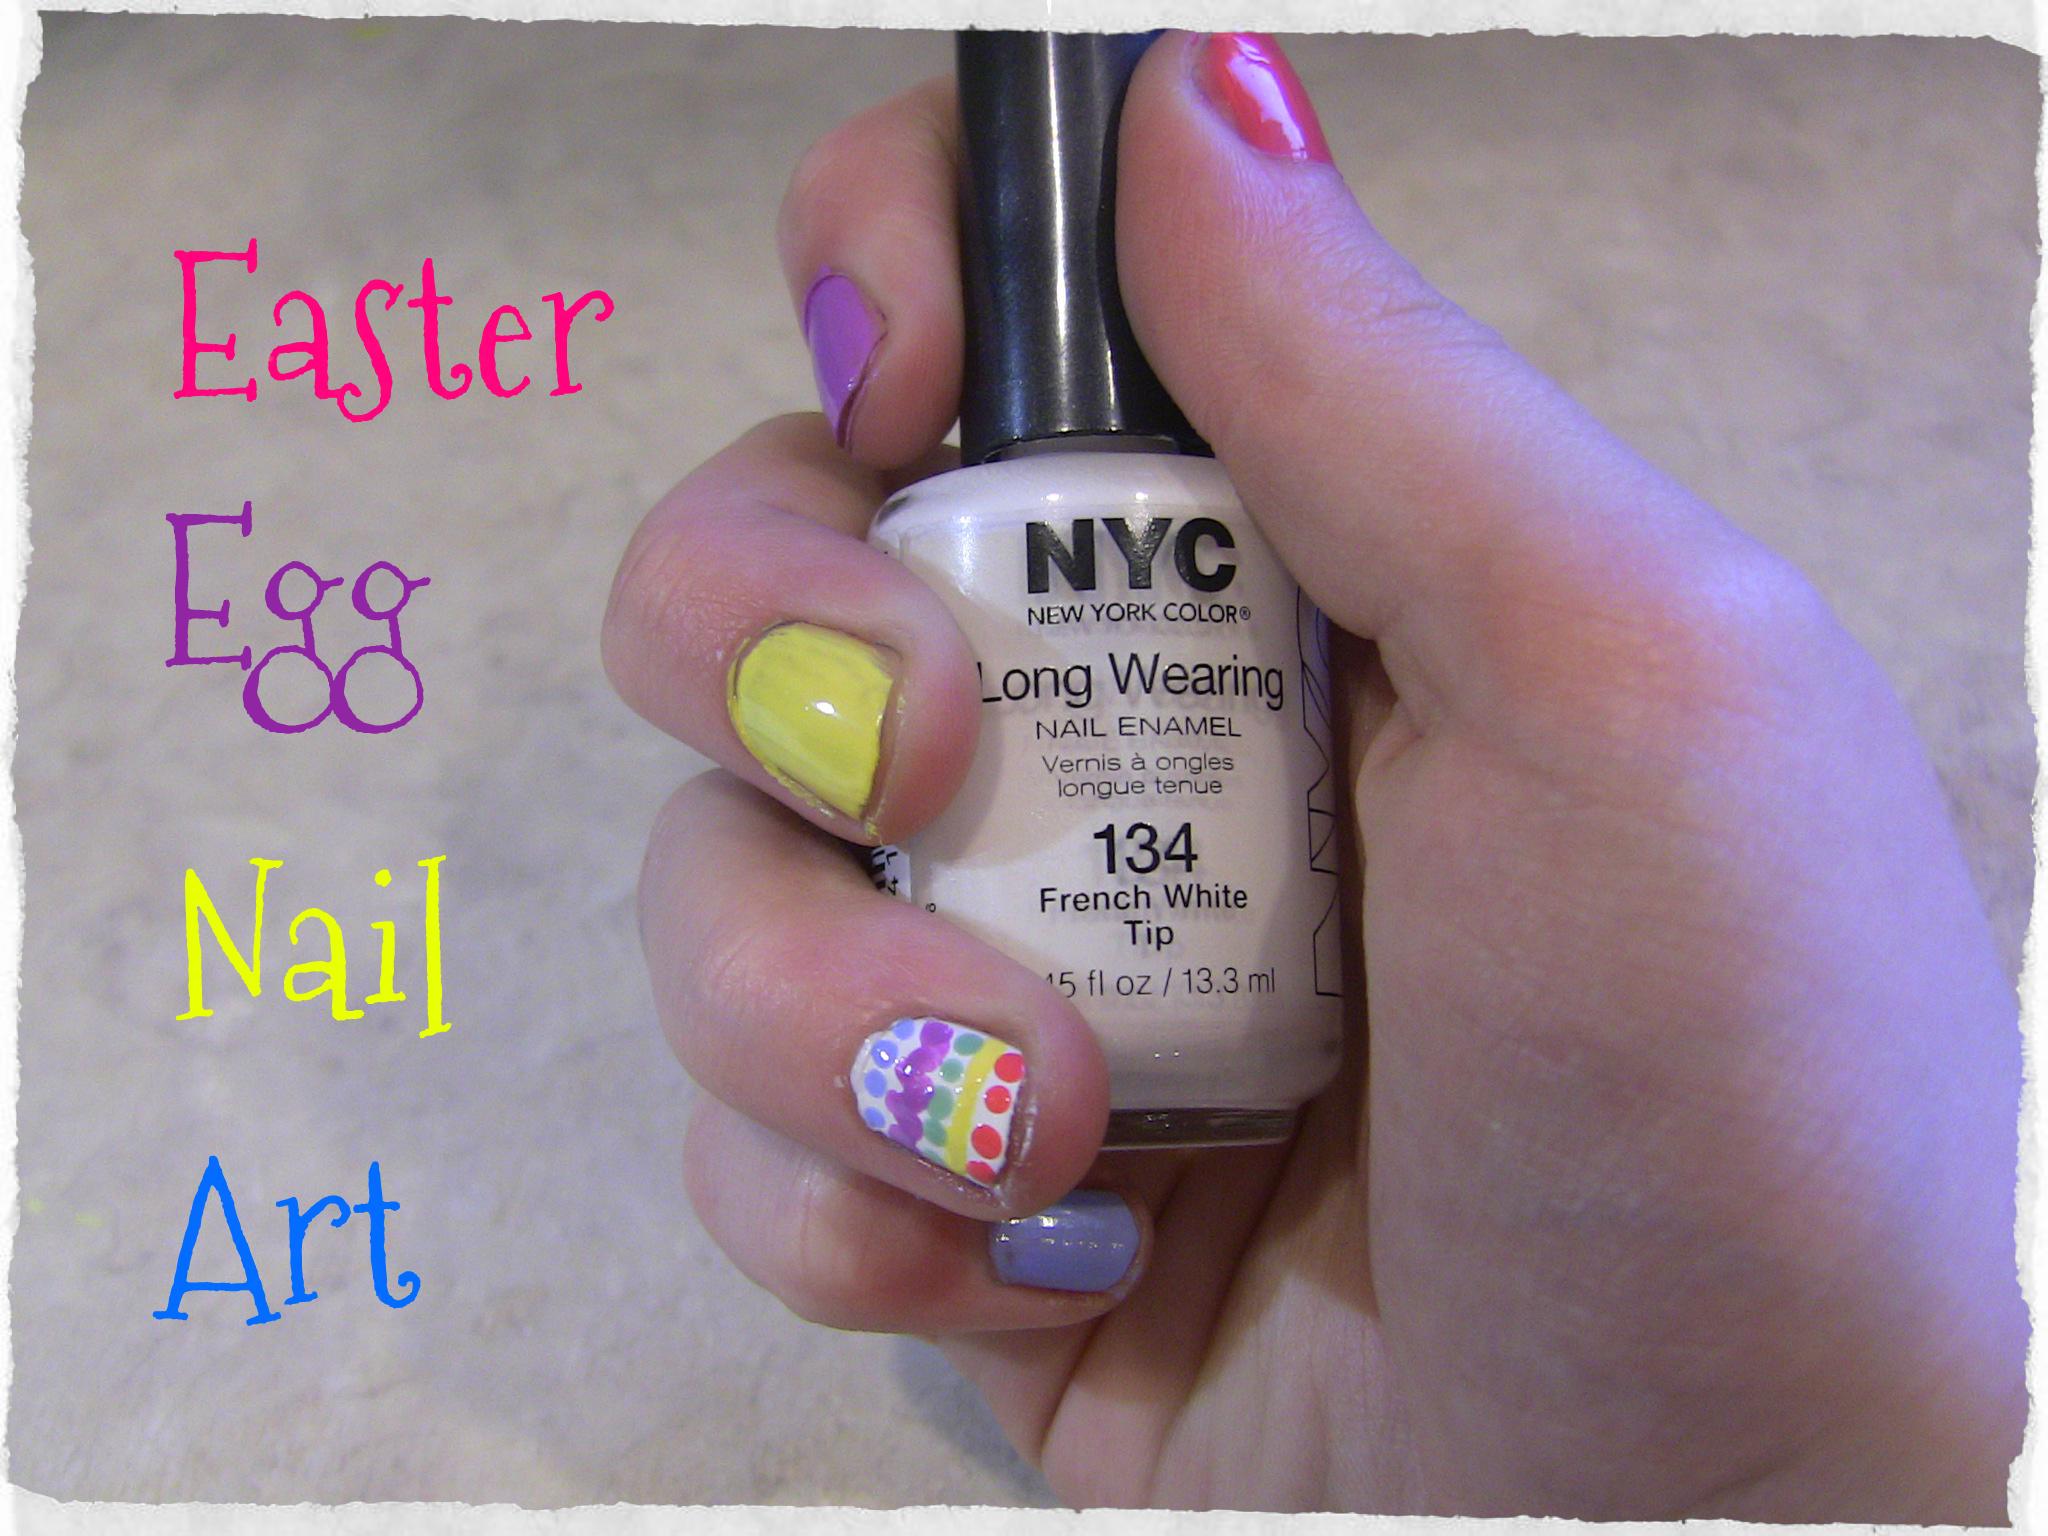 Easter Egg Nail Art